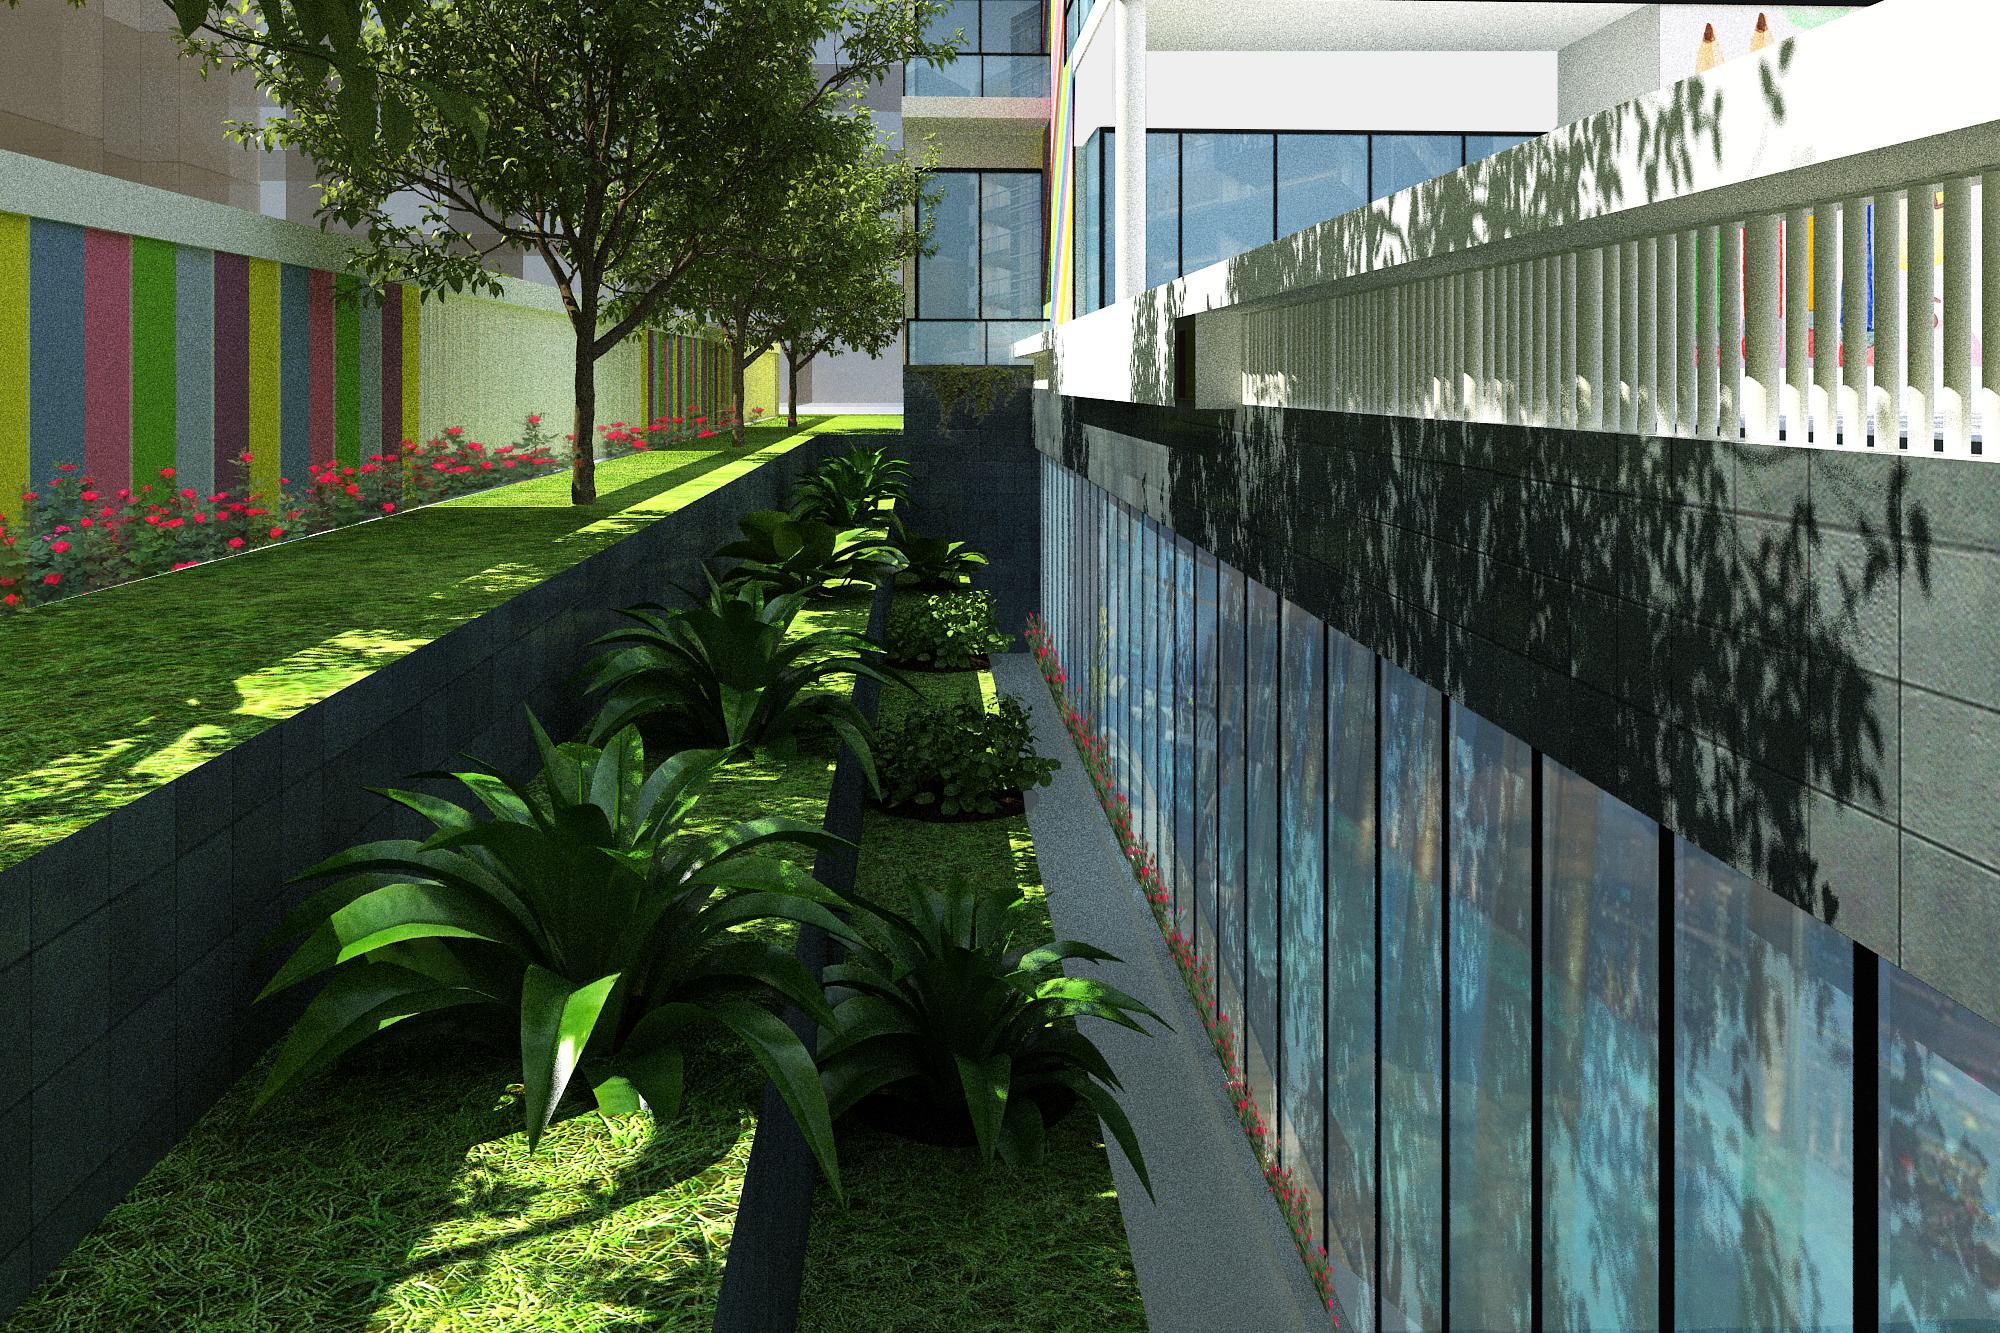 Thiết kế Công Trình Công Cộng tại Hà Nội trường mầm non Việt Nhật 1625212944 4